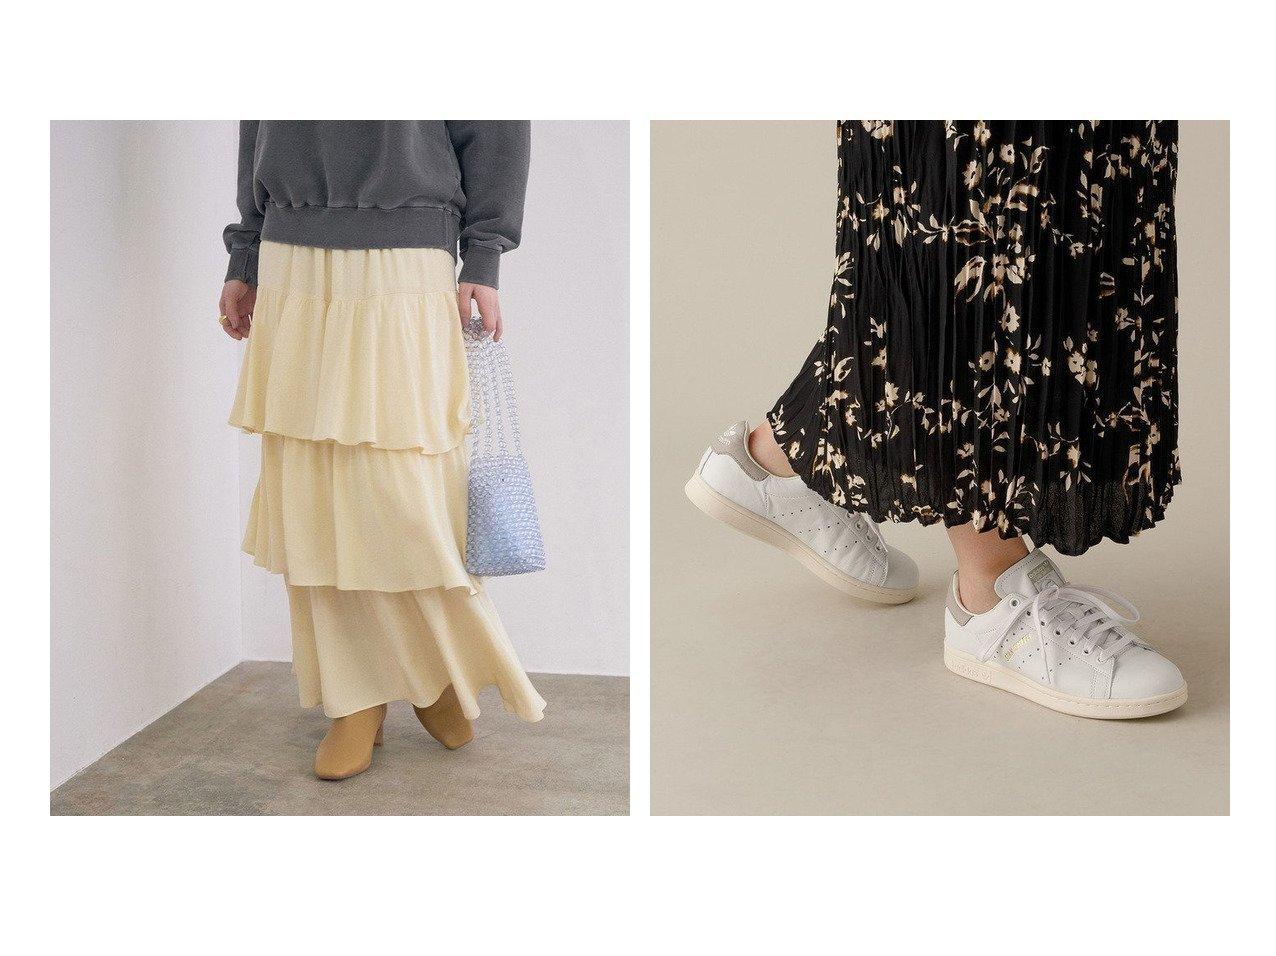 【ADAM ET ROPE'/アダム エ ロペ】の【adidas】STAN SMITH&【ROPE' mademoiselle/ロペ マドモアゼル】のストレートラインティアードスカート ロペのおすすめ!人気、トレンド・レディースファッションの通販  おすすめで人気の流行・トレンド、ファッションの通販商品 メンズファッション・キッズファッション・インテリア・家具・レディースファッション・服の通販 founy(ファニー) https://founy.com/ ファッション Fashion レディースファッション WOMEN スカート Skirt ティアードスカート Tiered Skirts シューズ スウェット スニーカー ティアード ティアードスカート ドット バレエ ポケット 無地 NEW・新作・新着・新入荷 New Arrivals おすすめ Recommend クラシック 人気 パッチ ビンテージ モダン 再入荷 Restock/Back in Stock/Re Arrival |ID:crp329100000021015